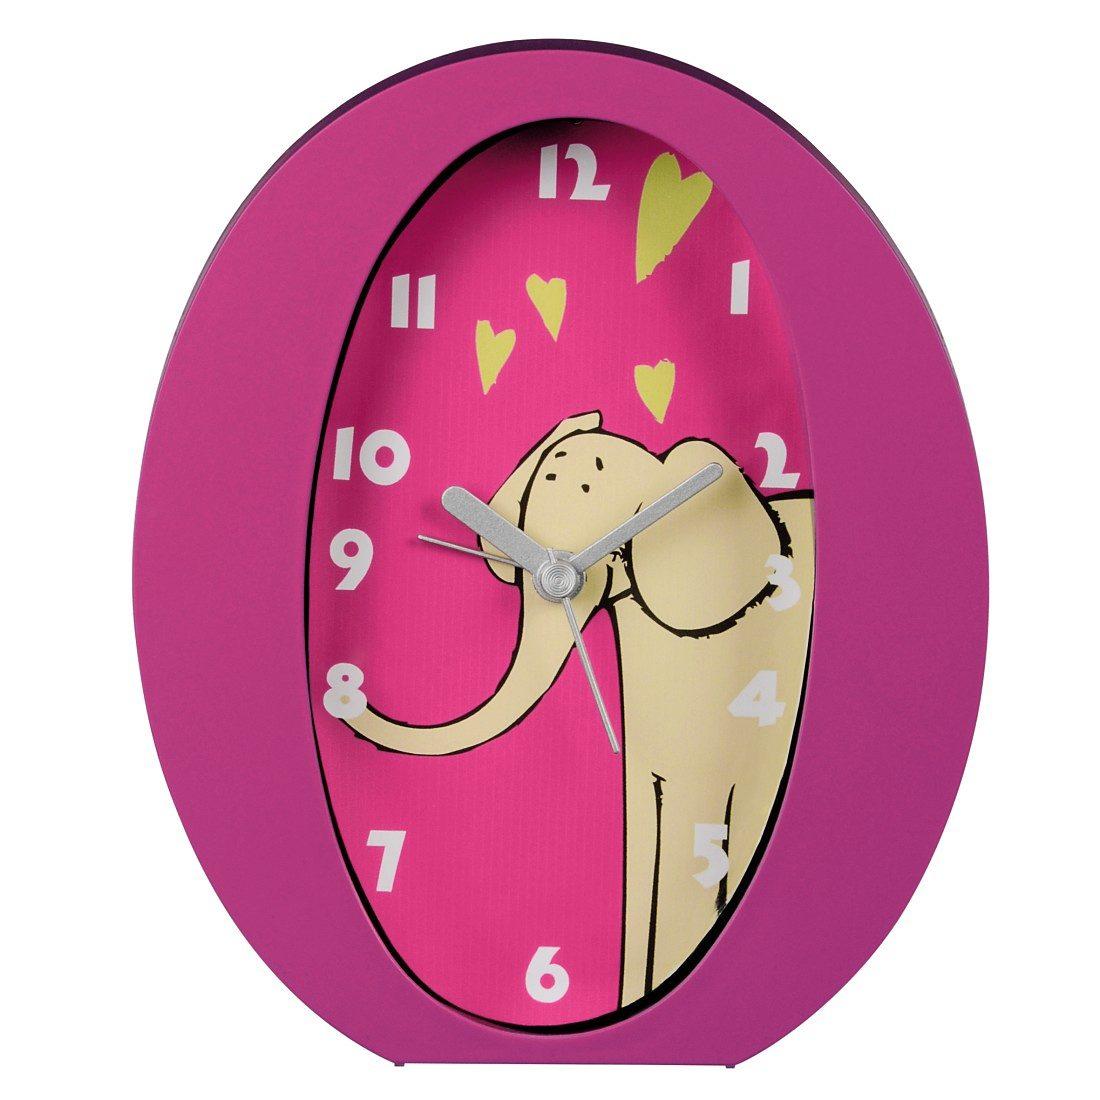 Hama Kinderwecker Wecker Uhr mit analoger Anzeige, geräuscharm »Elefant«